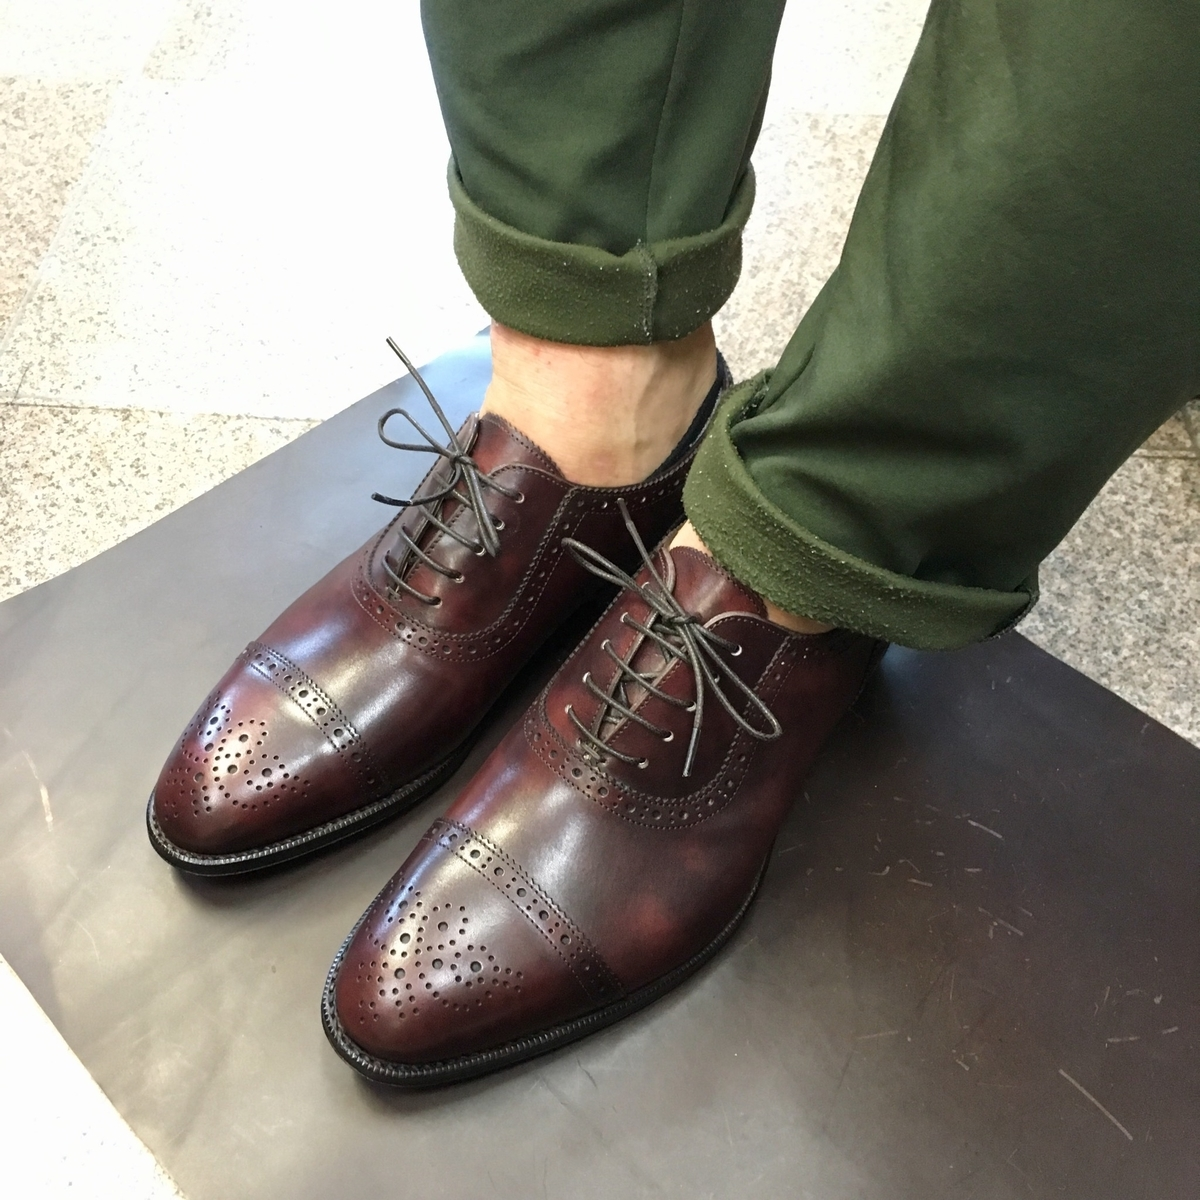 f:id:raymar-shoes:20190803223804j:plain